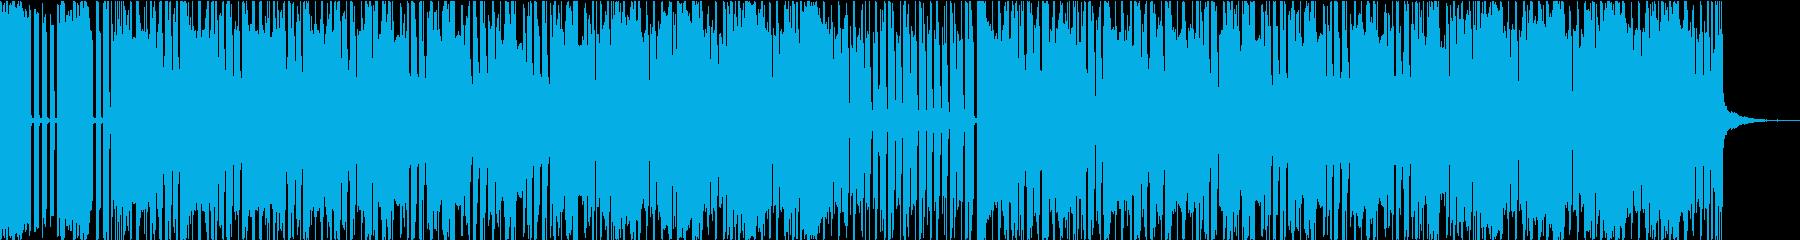 イベント発生!?ドキドキ感ハウス風BGMの再生済みの波形